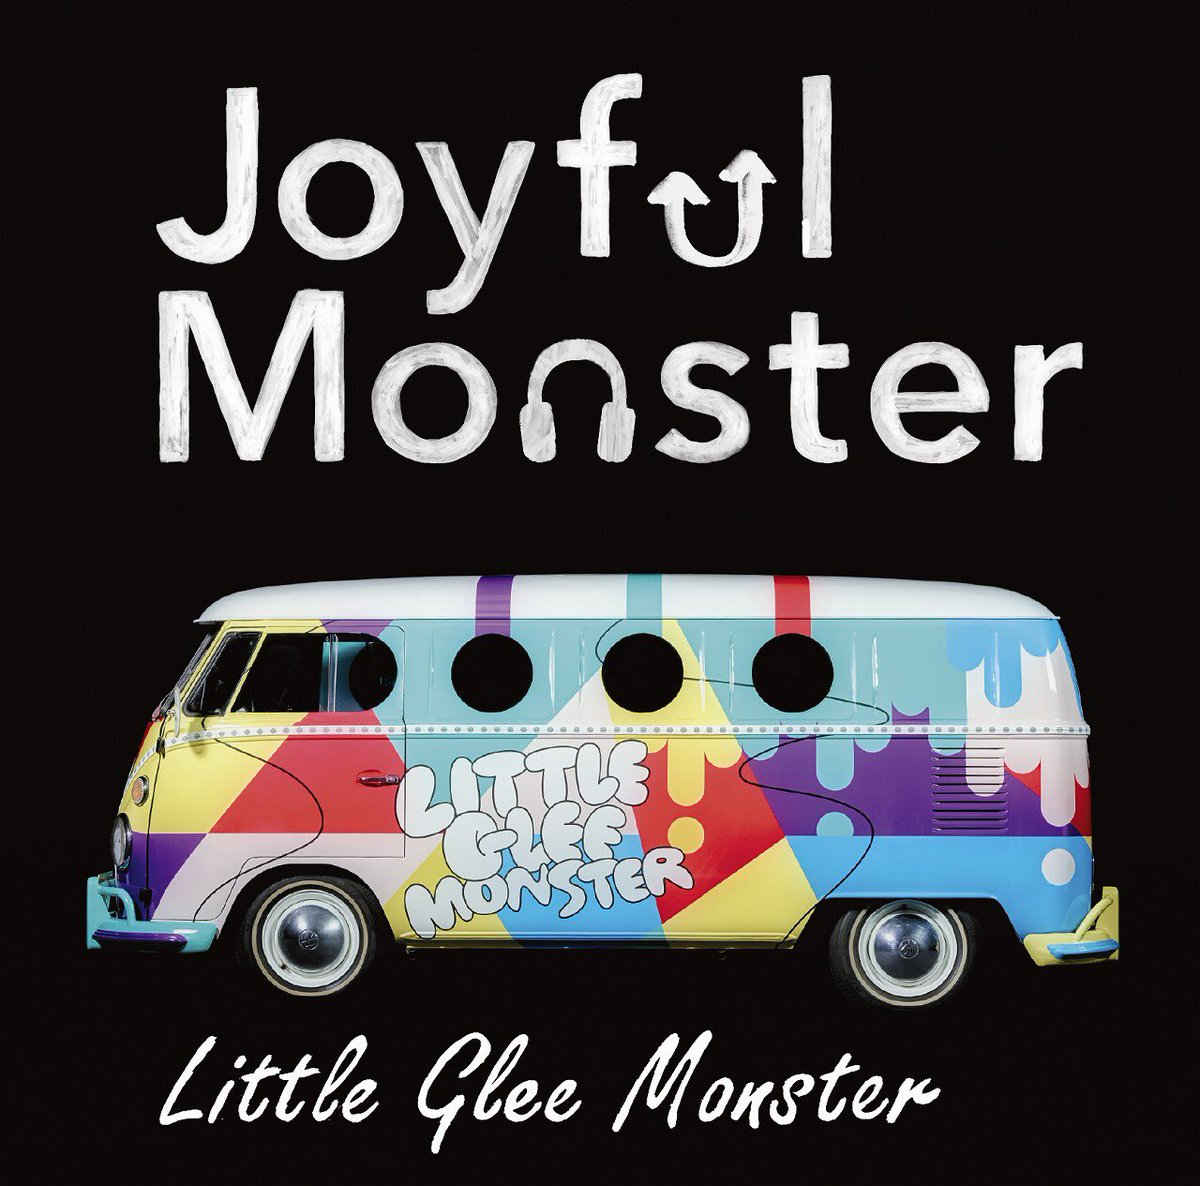 【リトグリ】Little Glee Monster ★33 [無断転載禁止]©2ch.netYouTube動画>51本 dailymotion>3本 ->画像>28枚